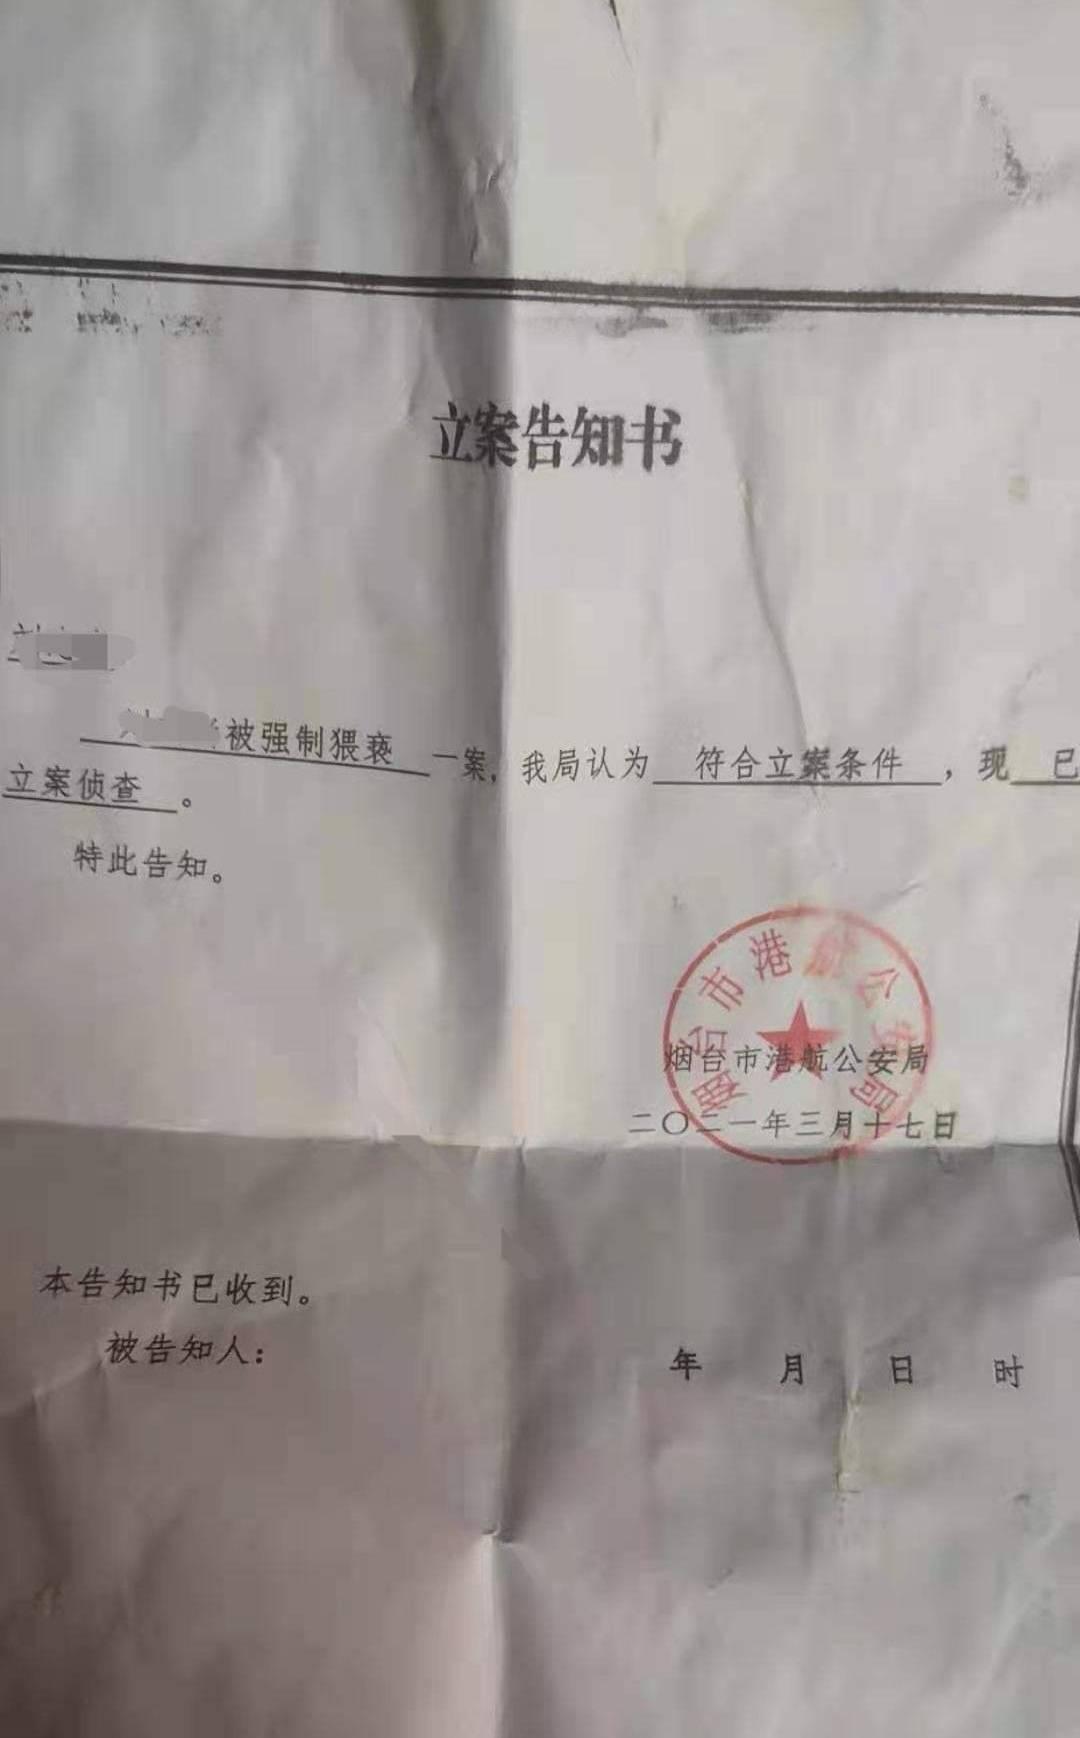 网爆山东某技校老师 多次性侵15岁男生-家庭网